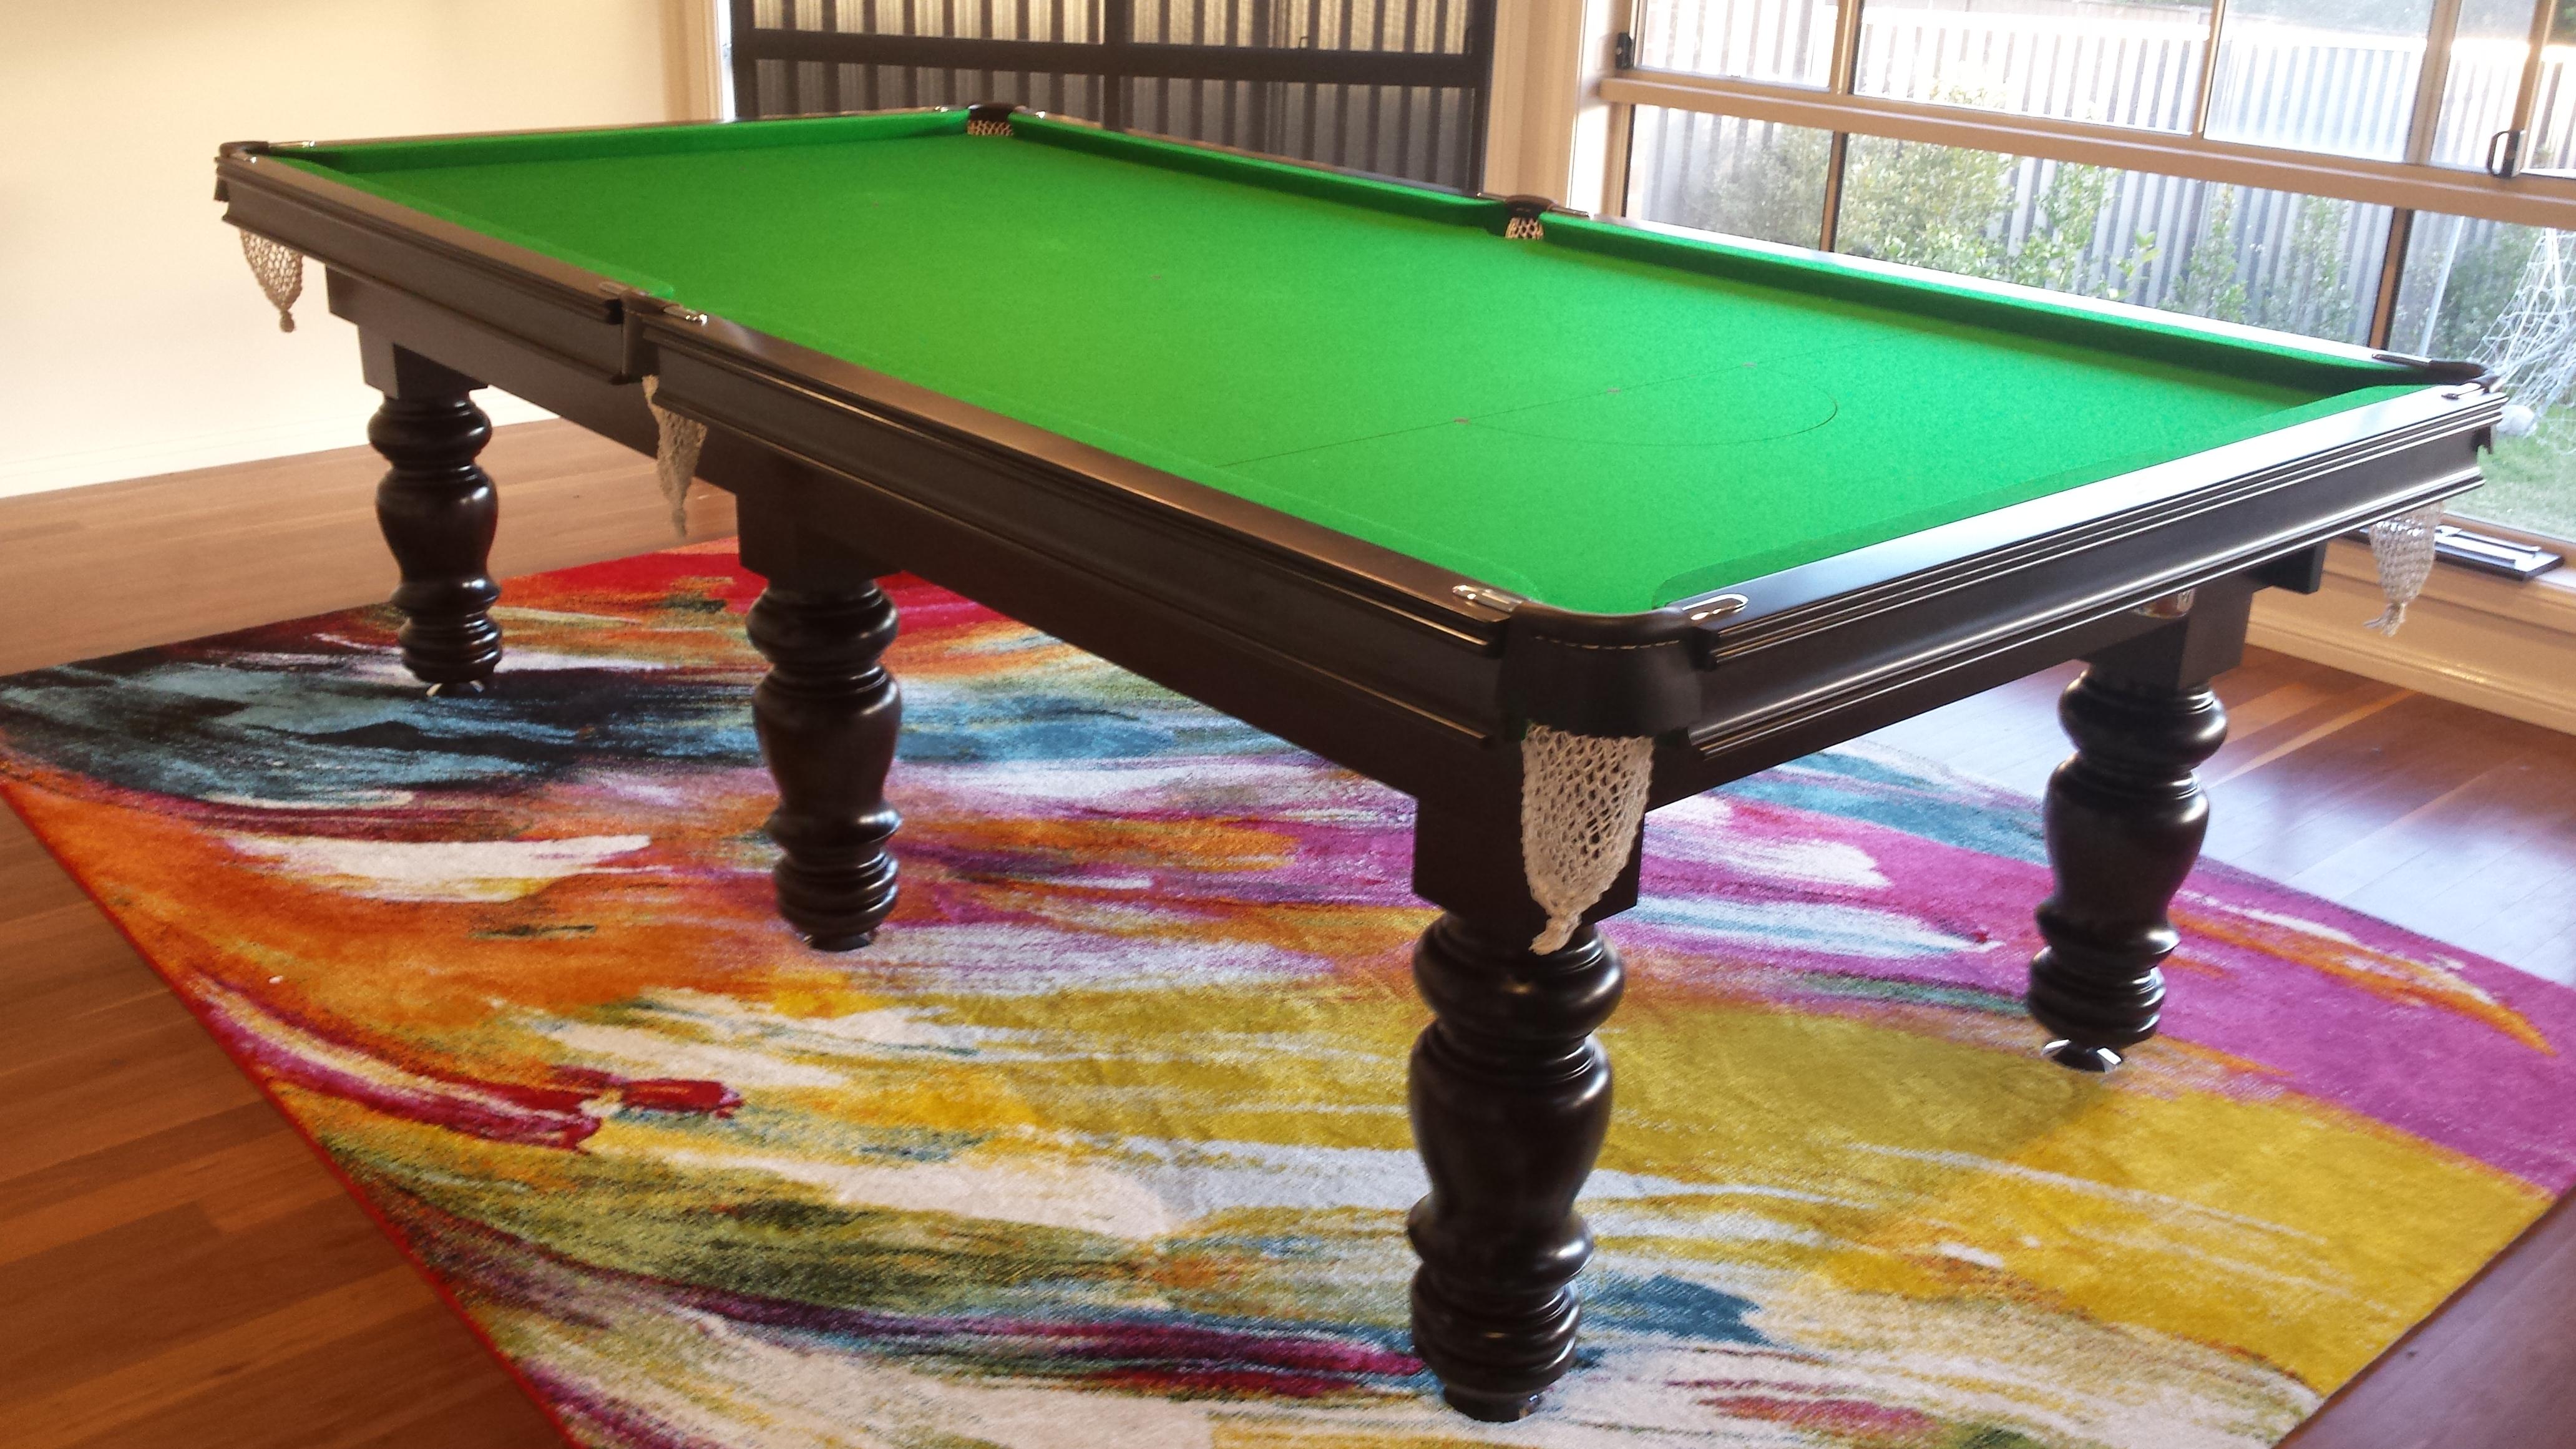 B&B Billiard Tables